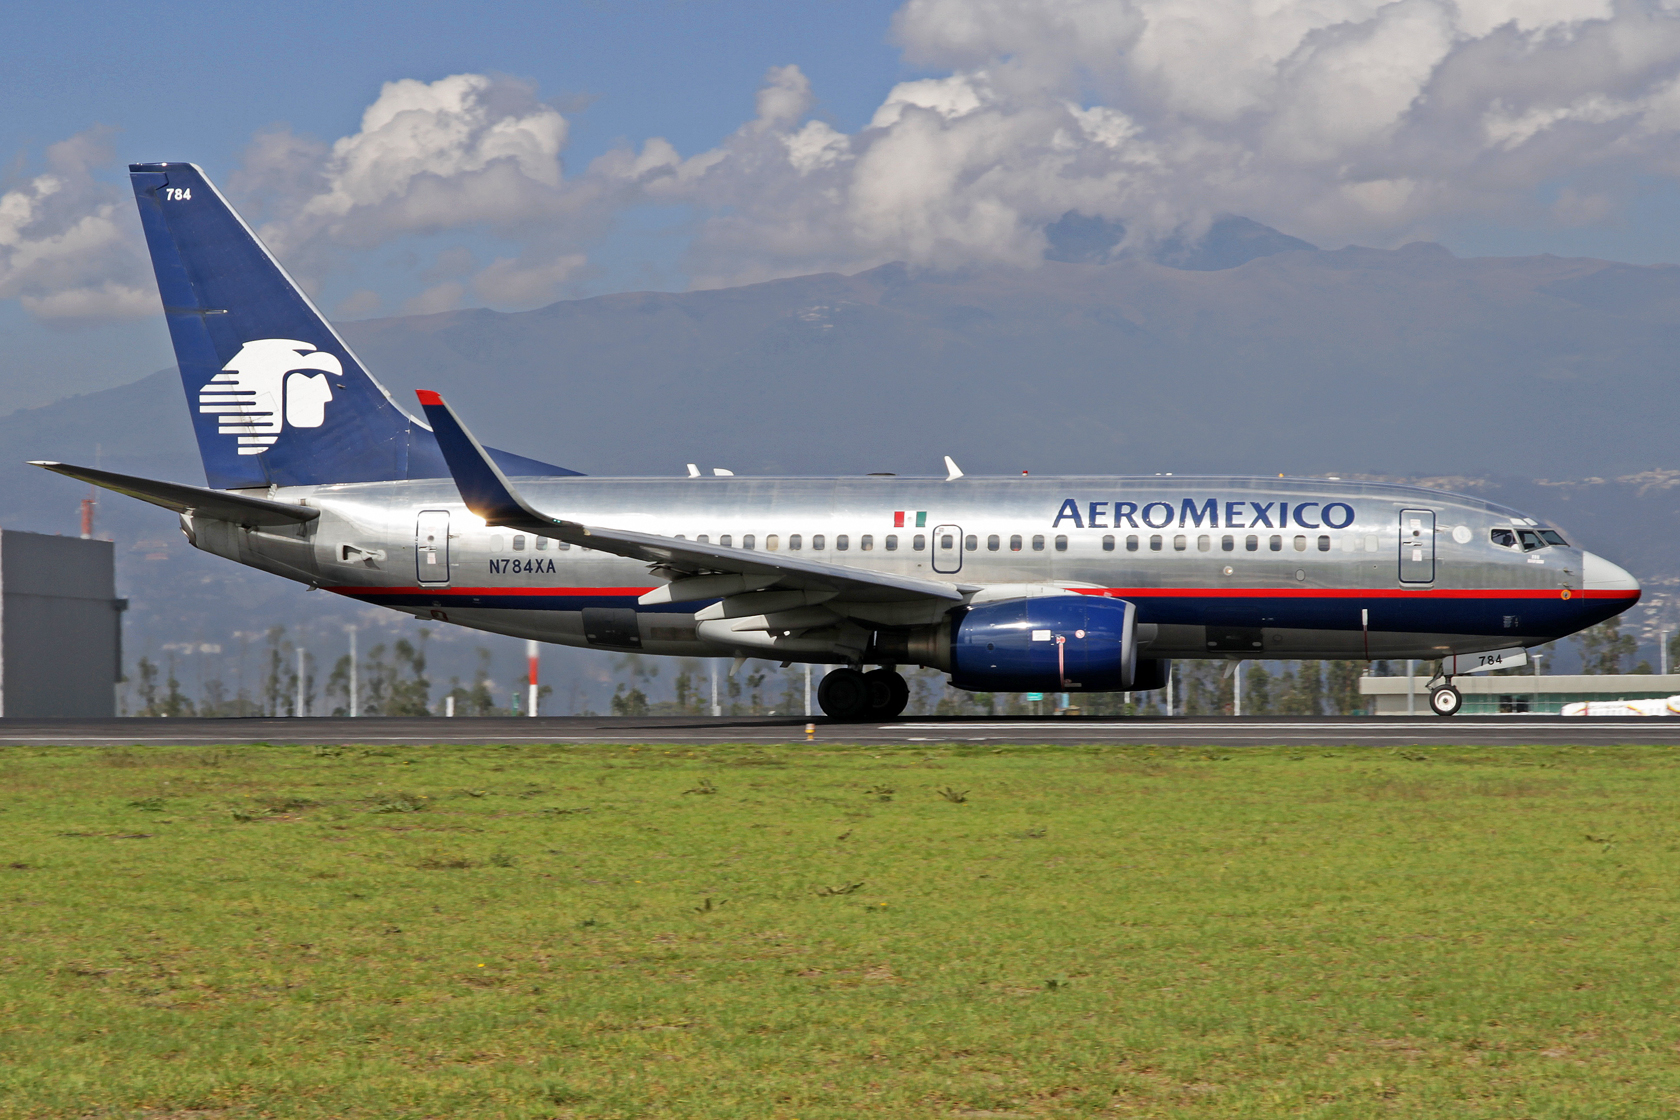 AeroMexico Boeing 737-752 N784XA